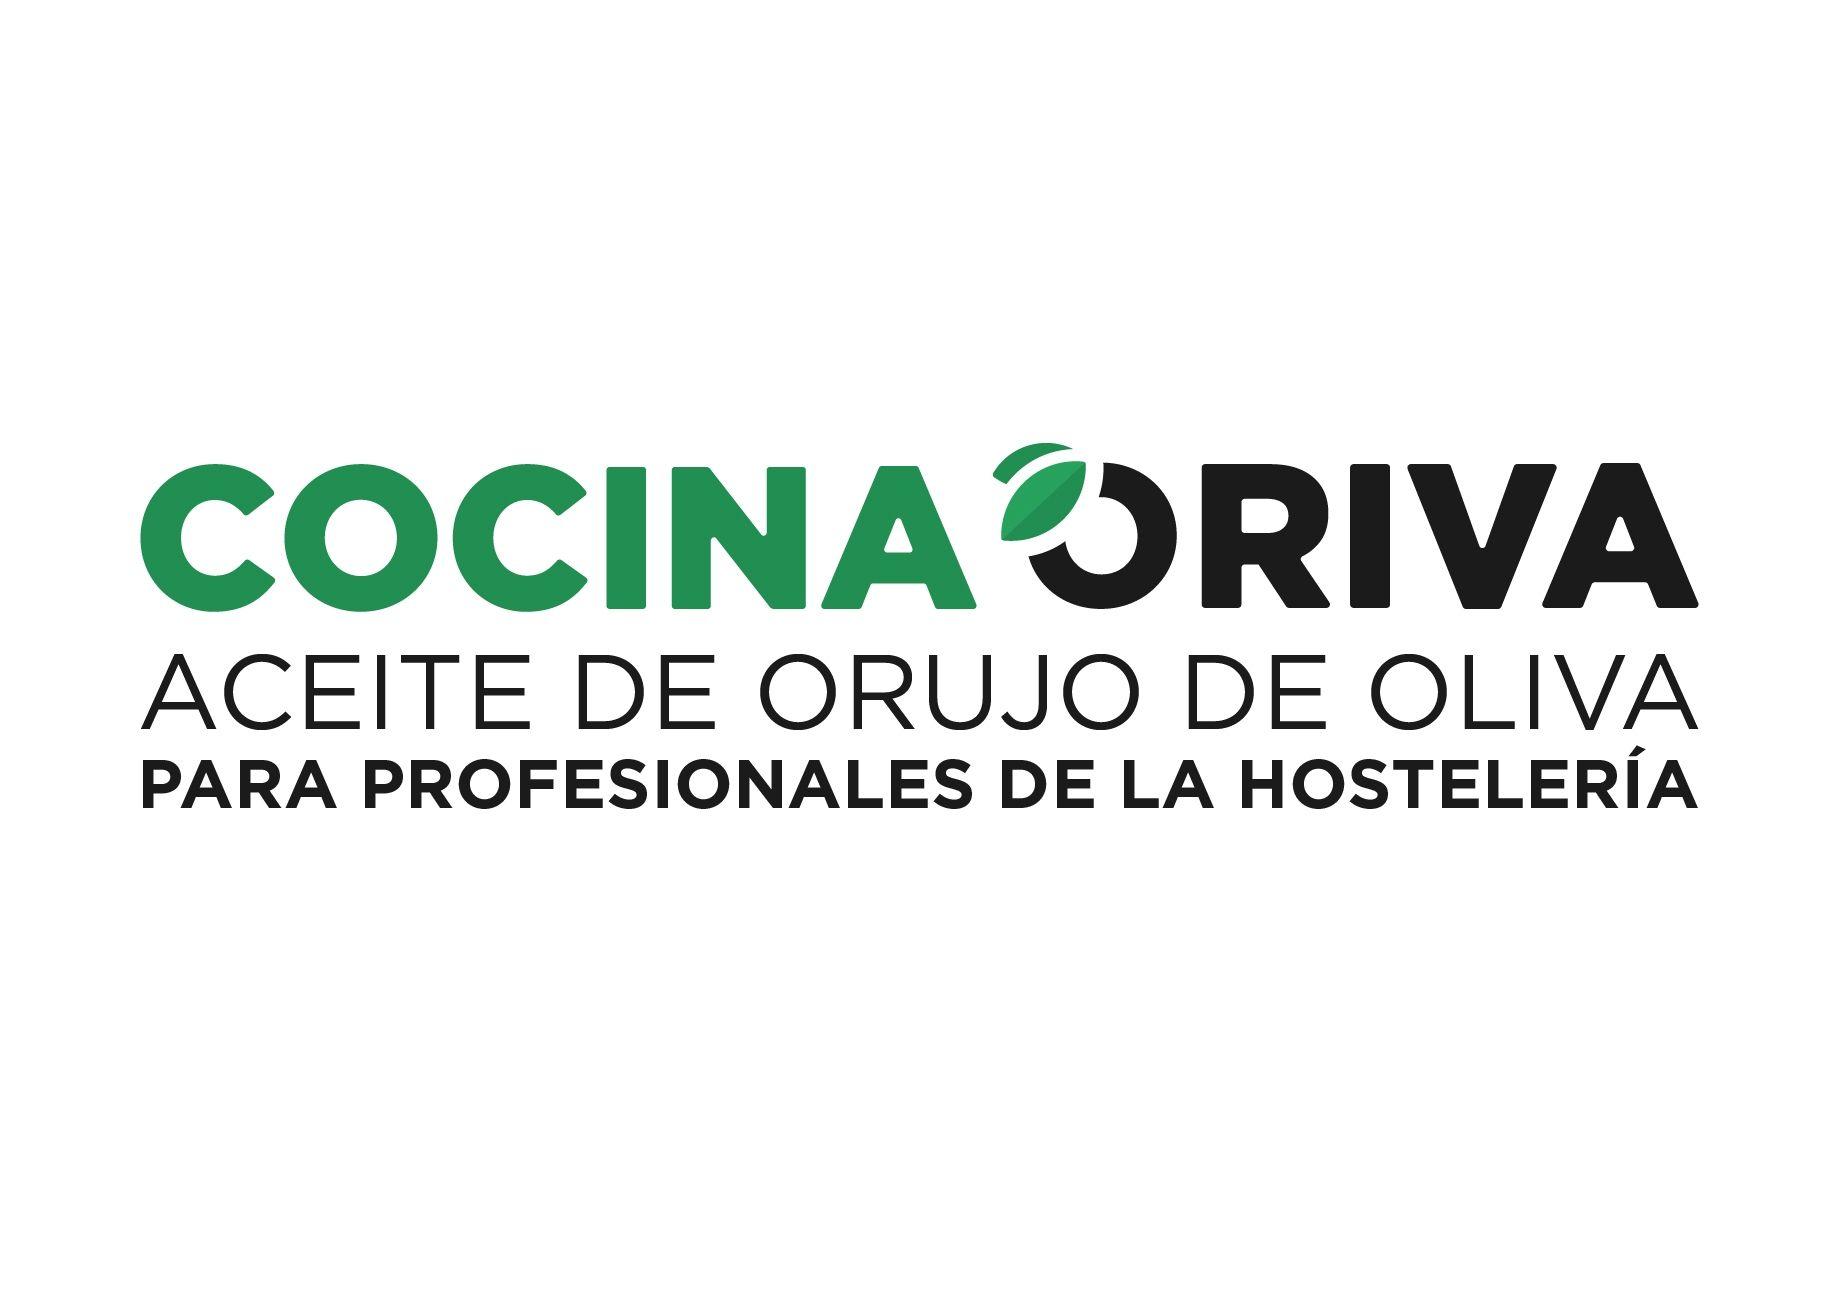 La hostelería supone el 70% de las ventas nacionales de Aceite de Orujo de Oliva envasado